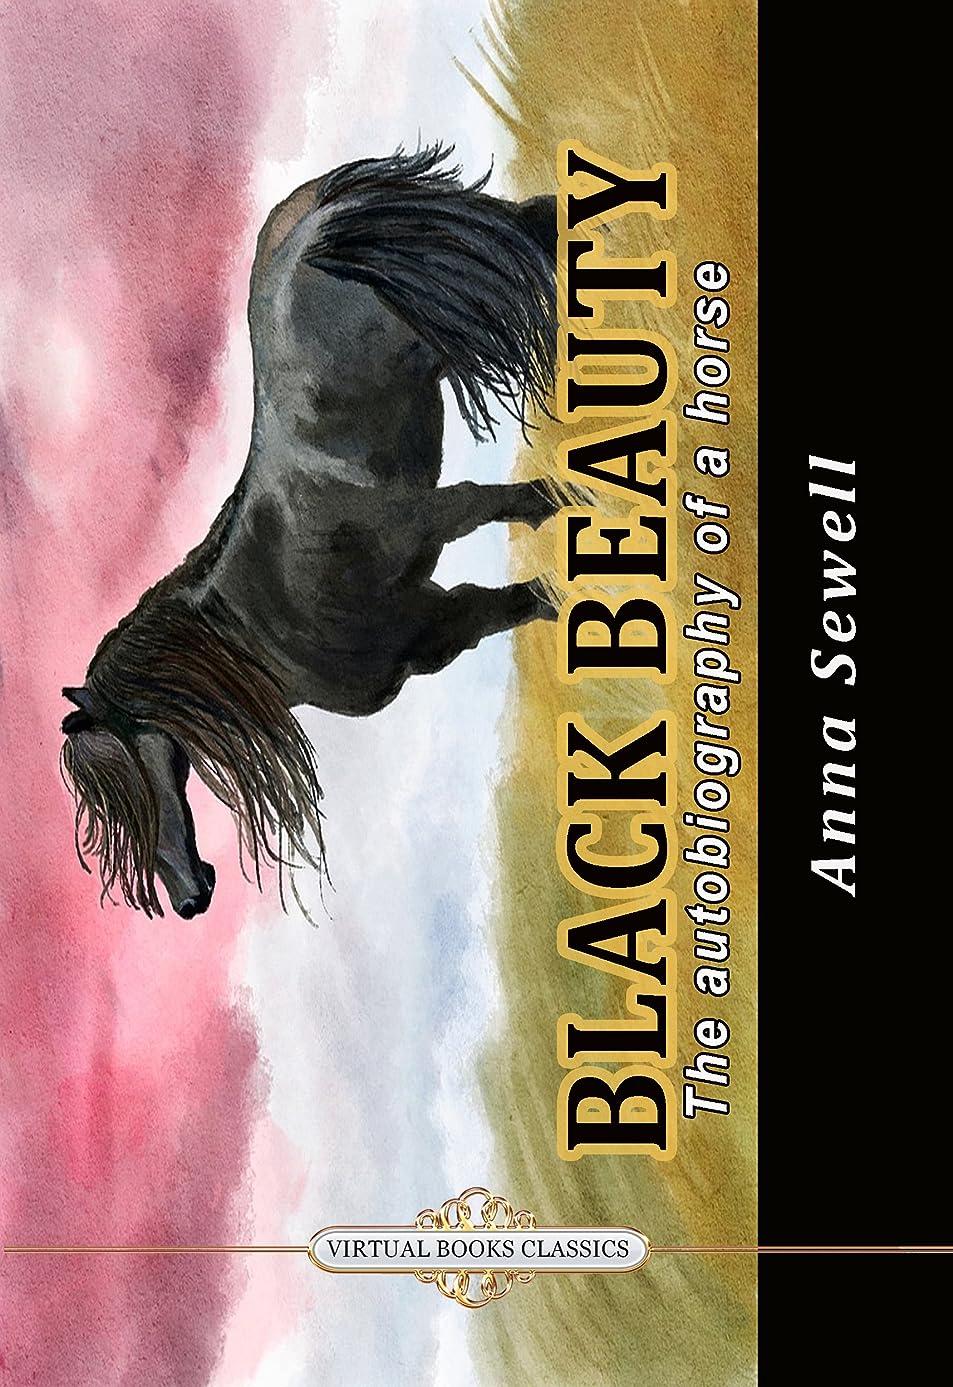 ランドリーシールかろうじてBLACK BEAUTY  The autobiography of a horse: Illustrated edition (English Edition)